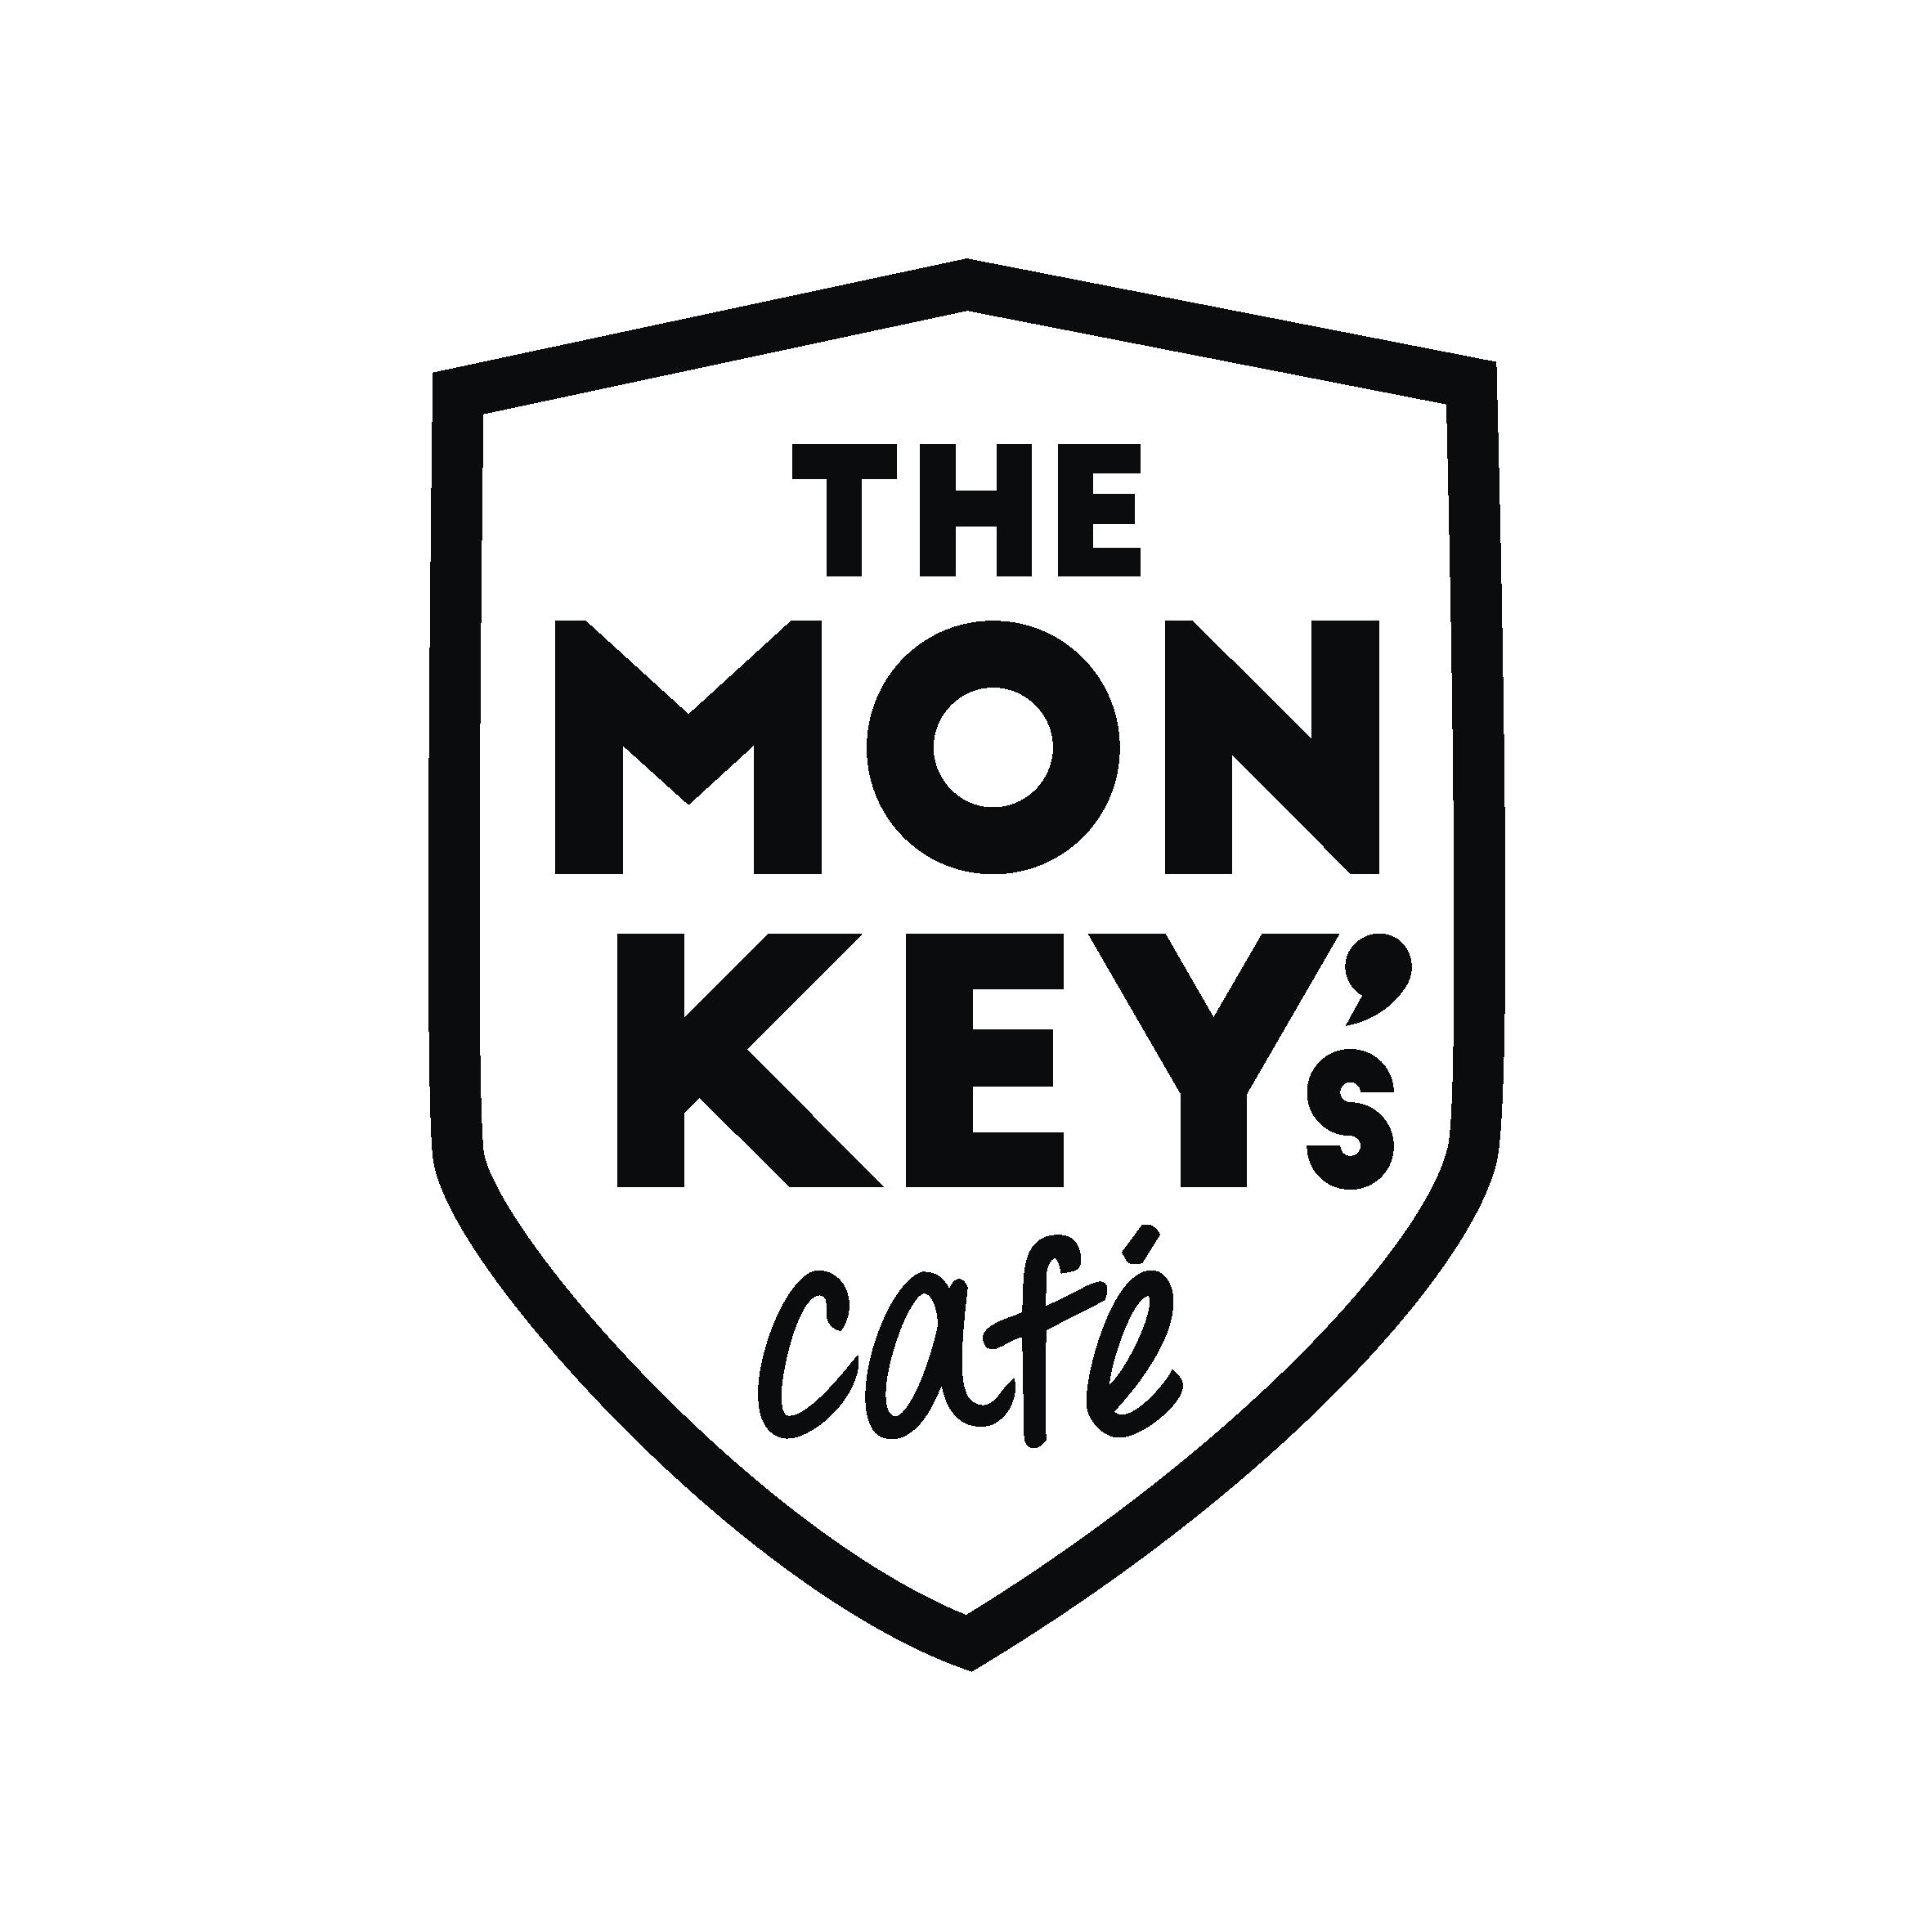 The Monkey's Café